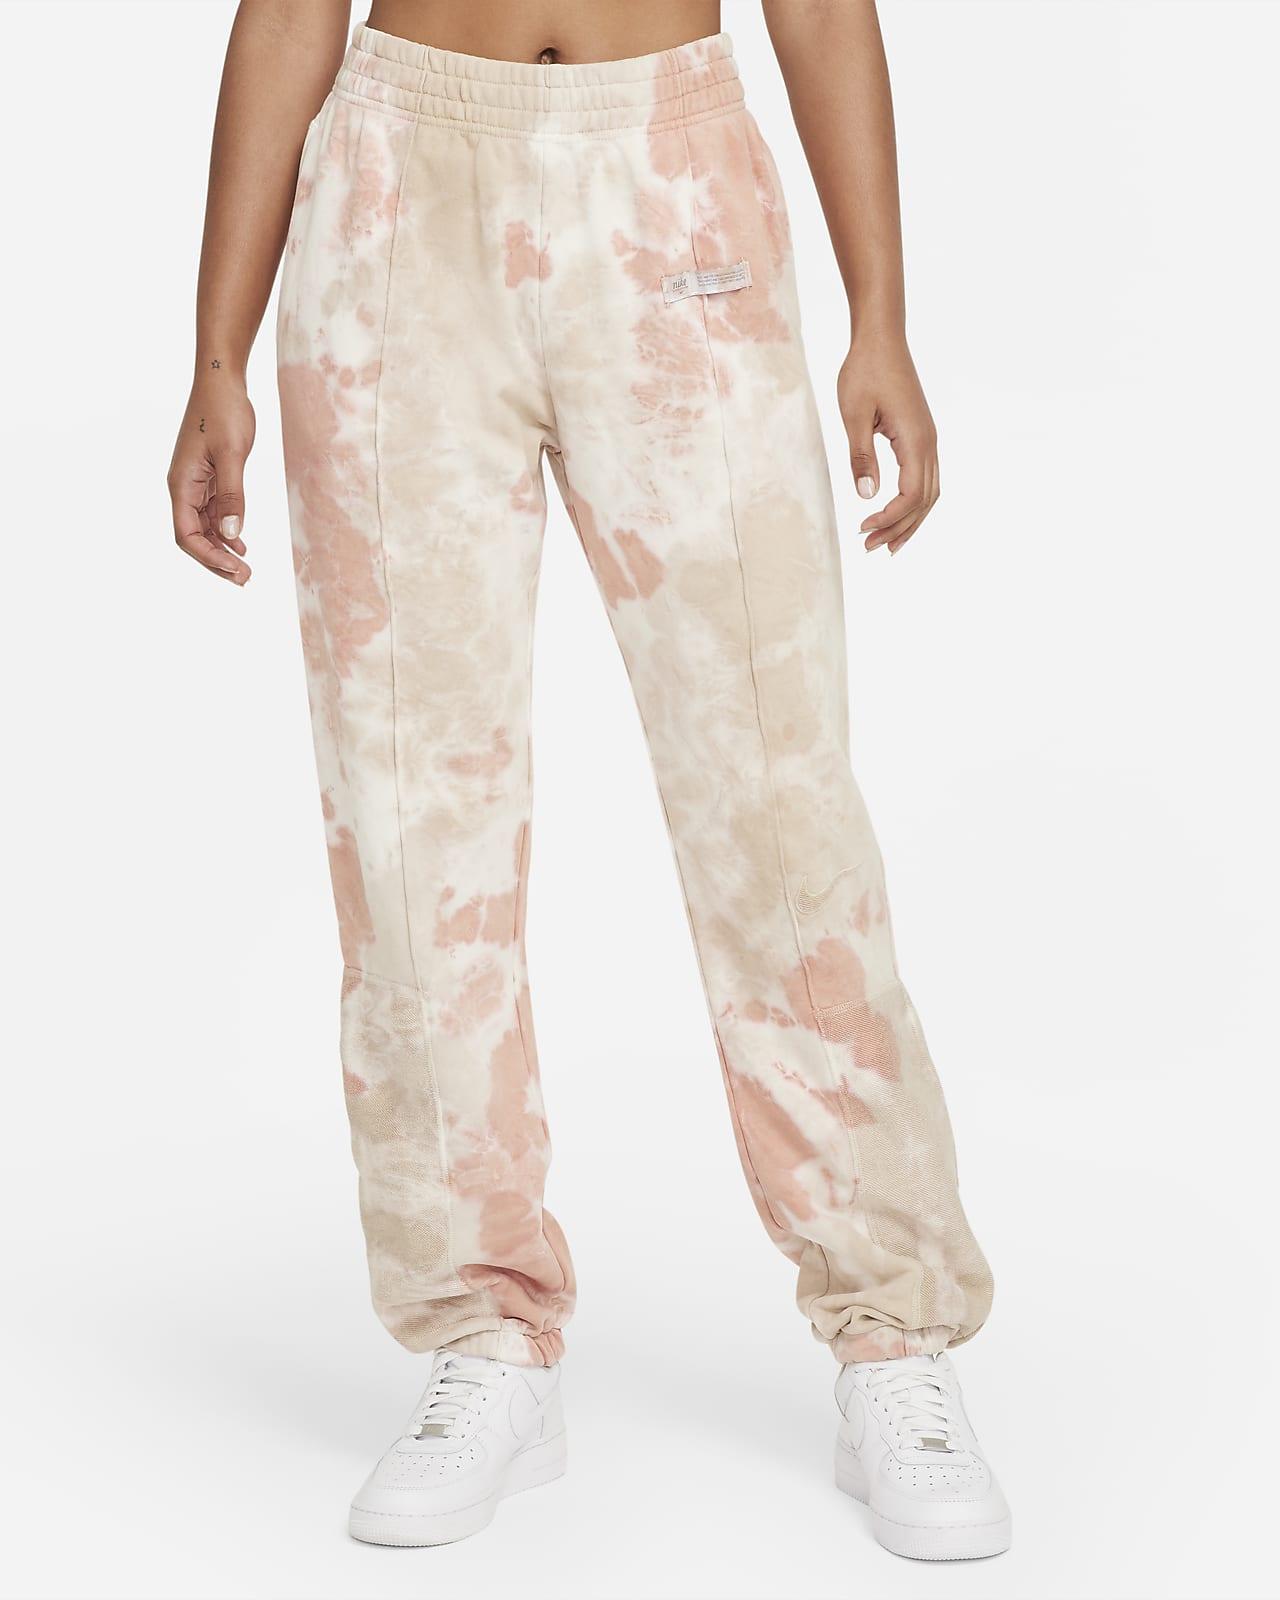 Nike Sportswear Women's Fleece Pants